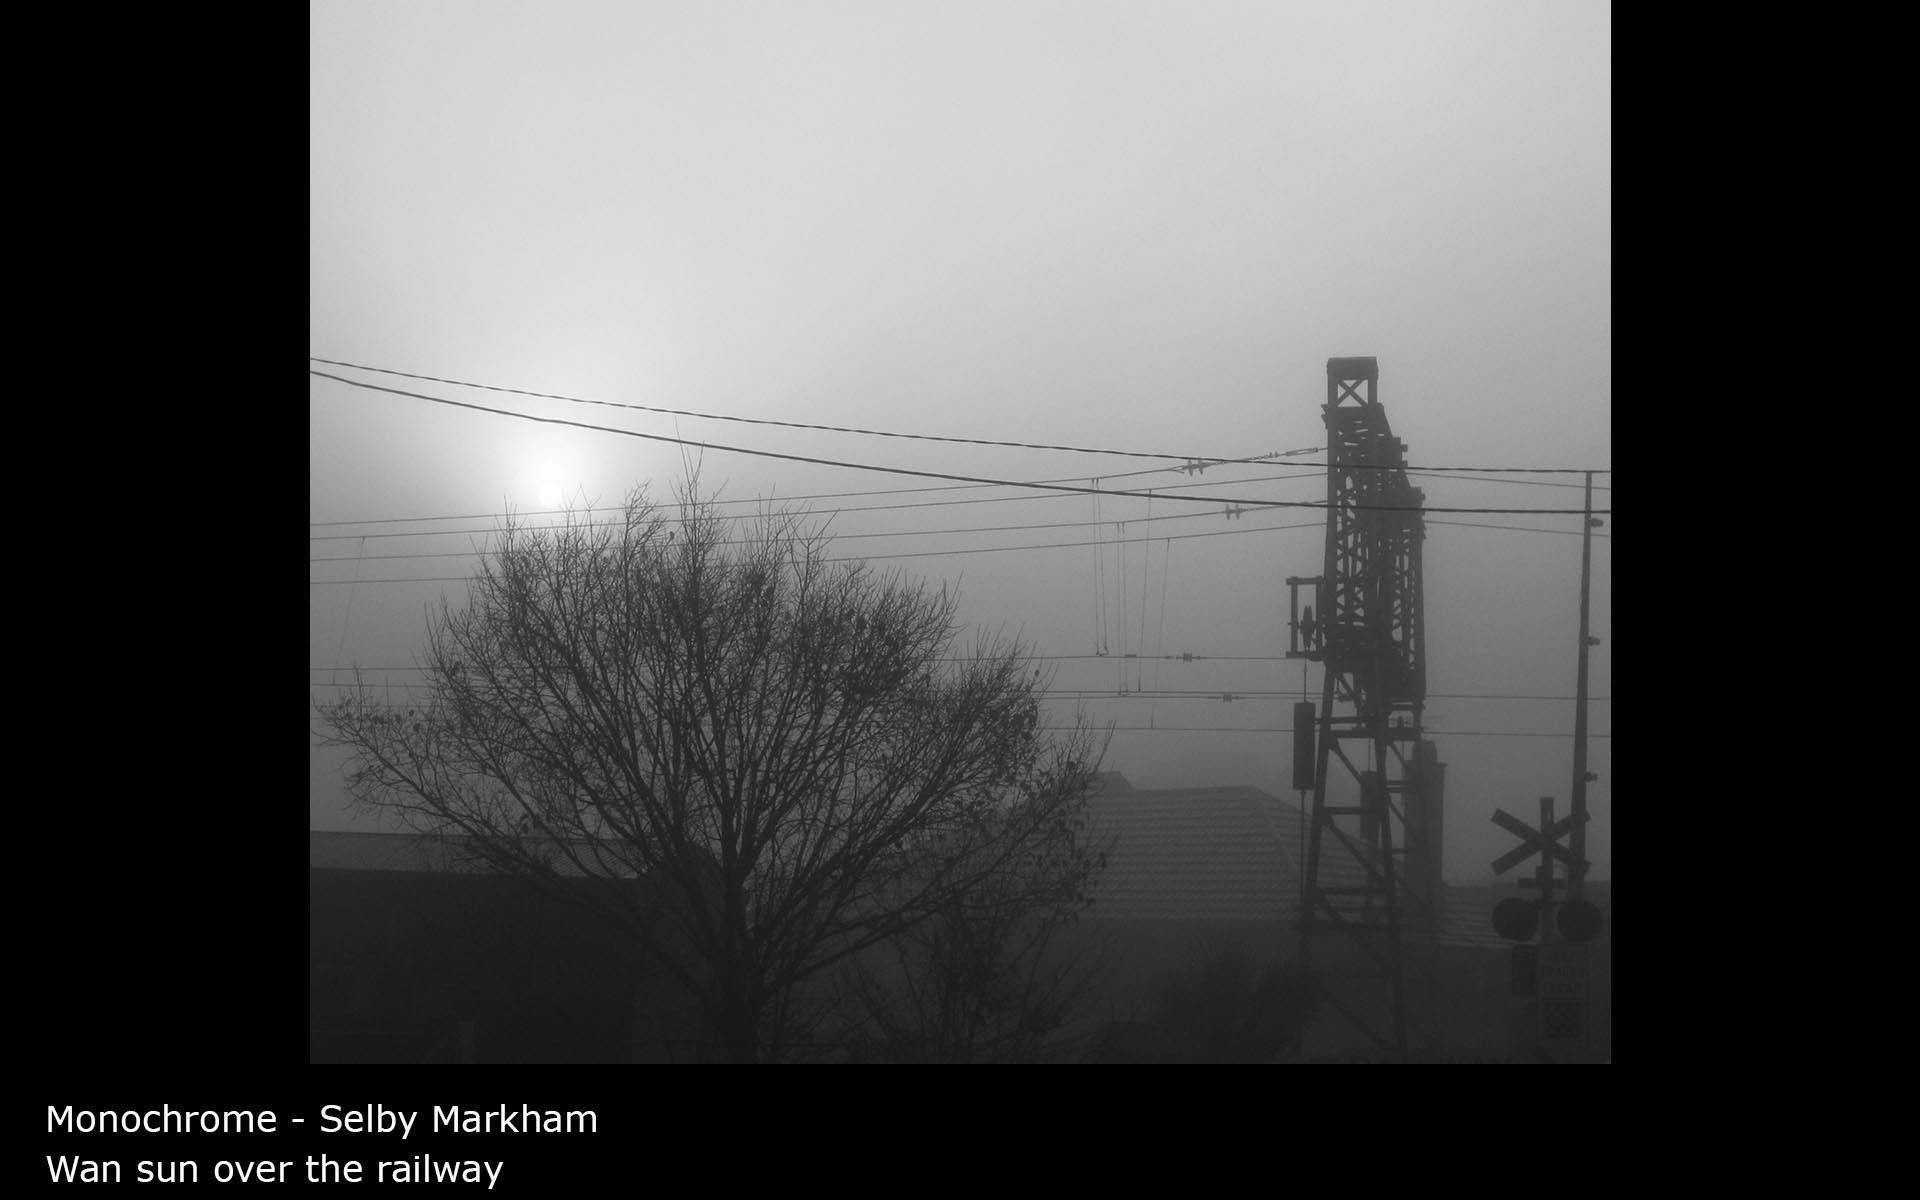 Wan sun over the railway - Selby Markham